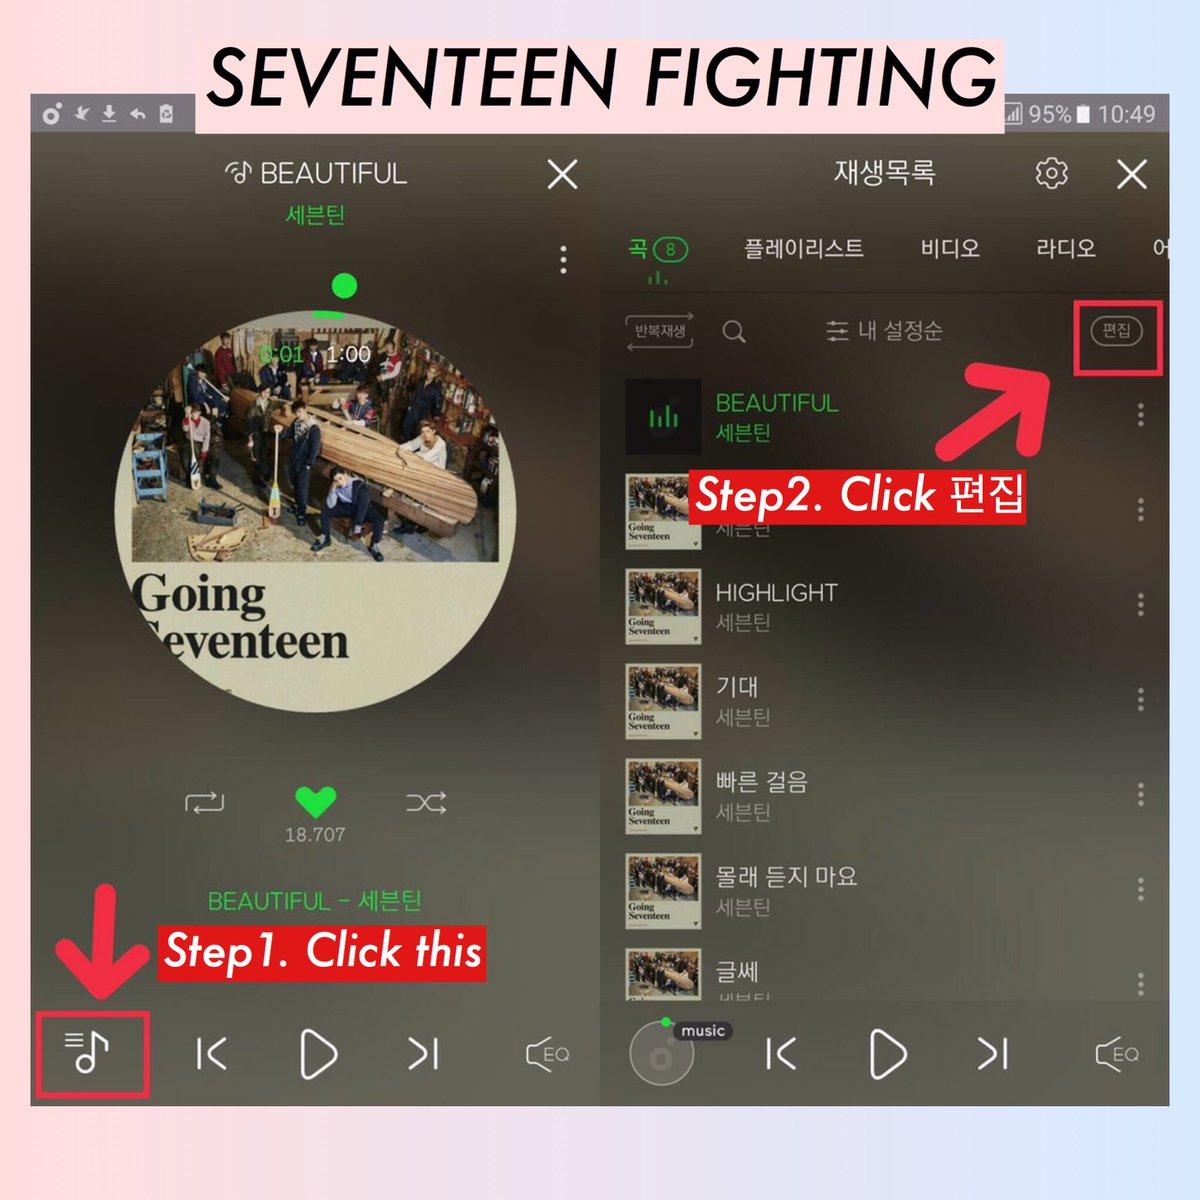 세븐틴 화이팅(SEVENTEEN FIGHTING) on Twitter: